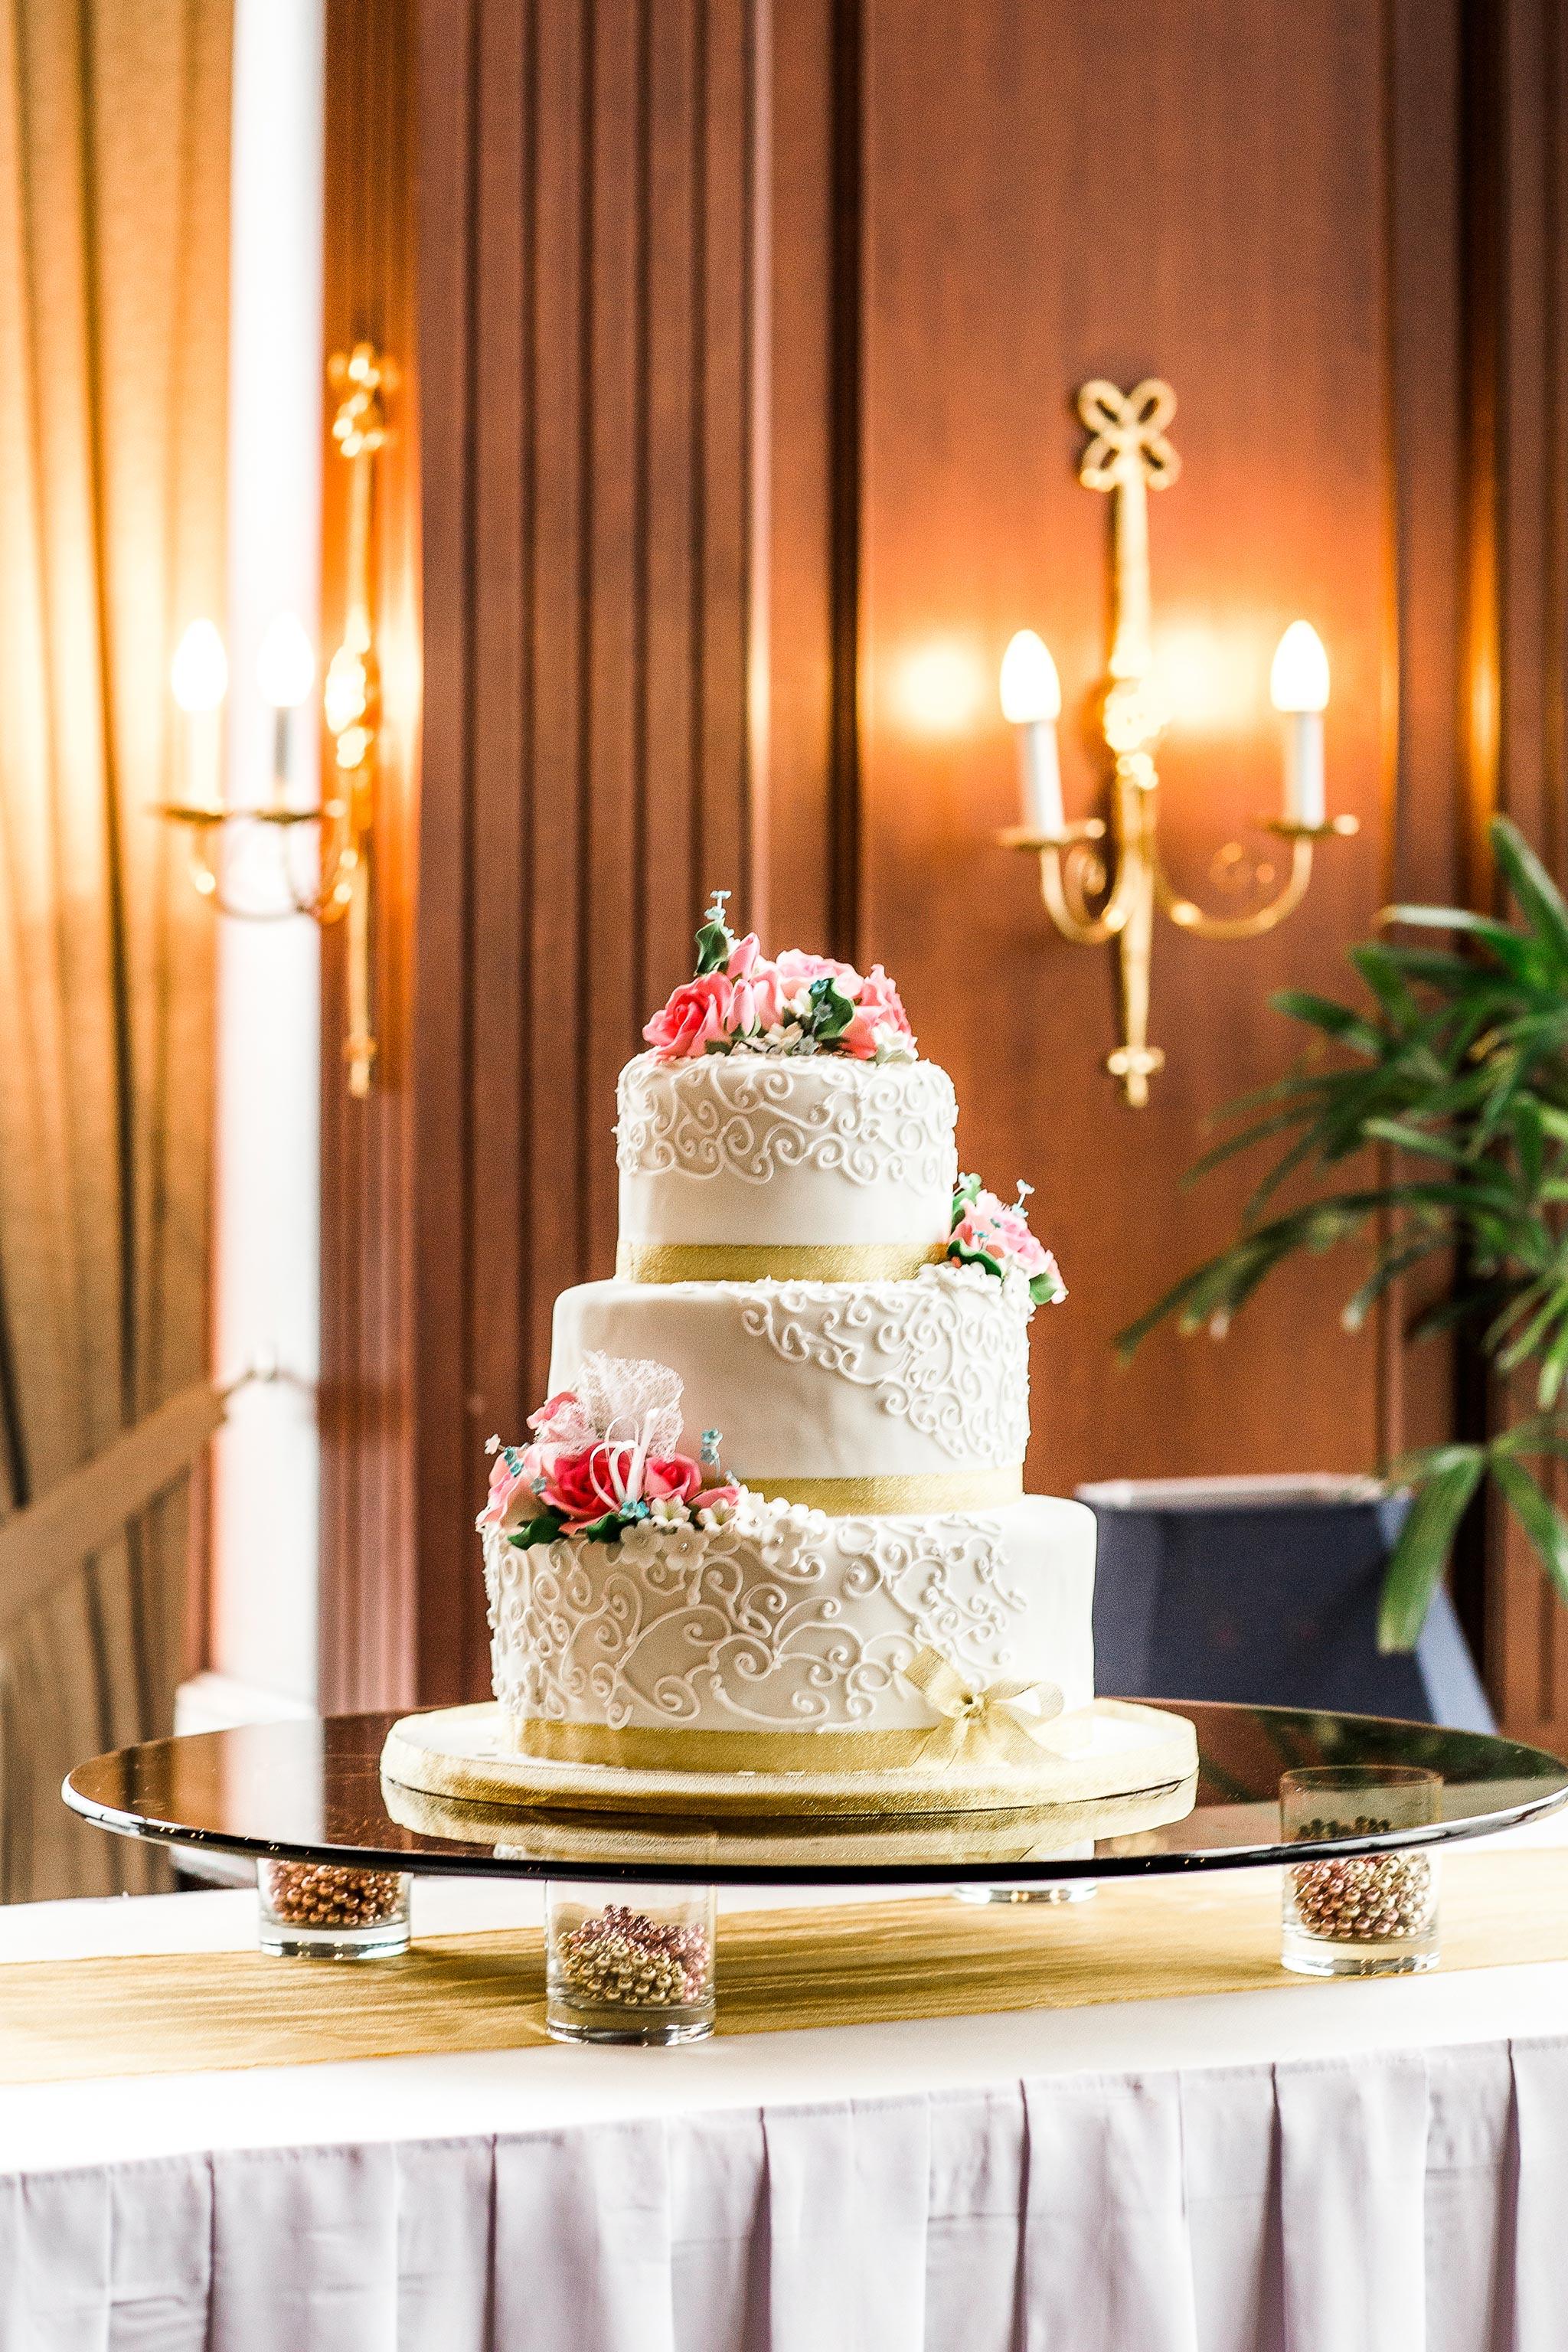 Bankers-Club-Kuala-Lumpur-Wedding-cake